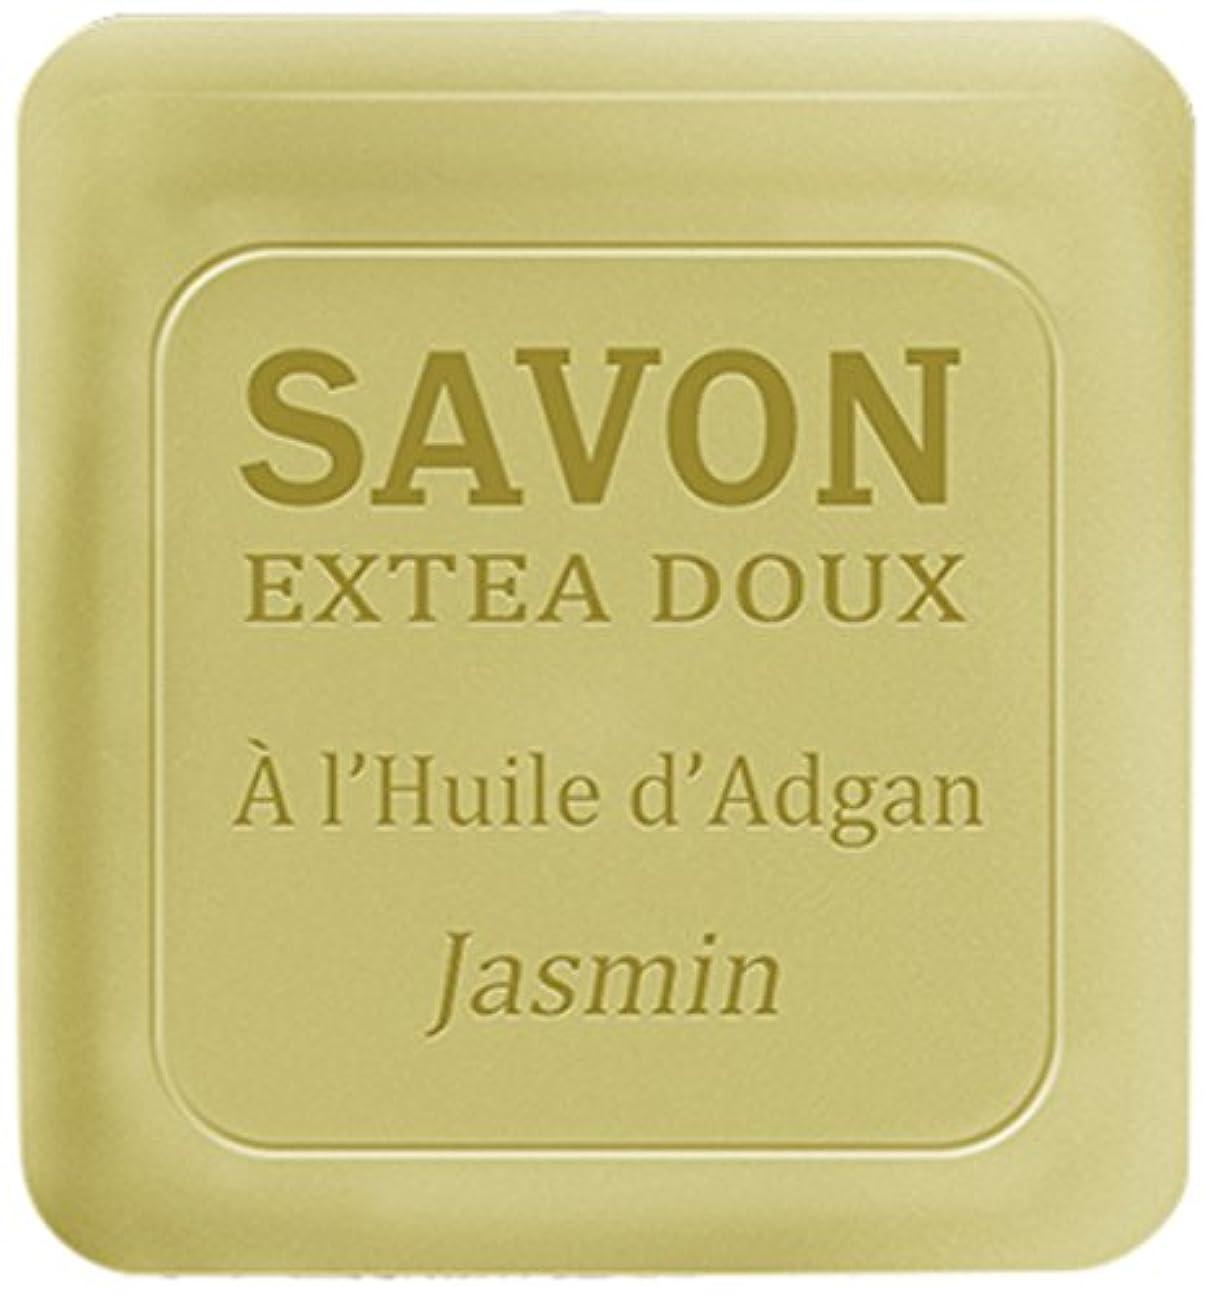 バースト推定バーストPlantes&Parfums [プランツ&パルファム] アルガンオイルソープ100g ジャスミン